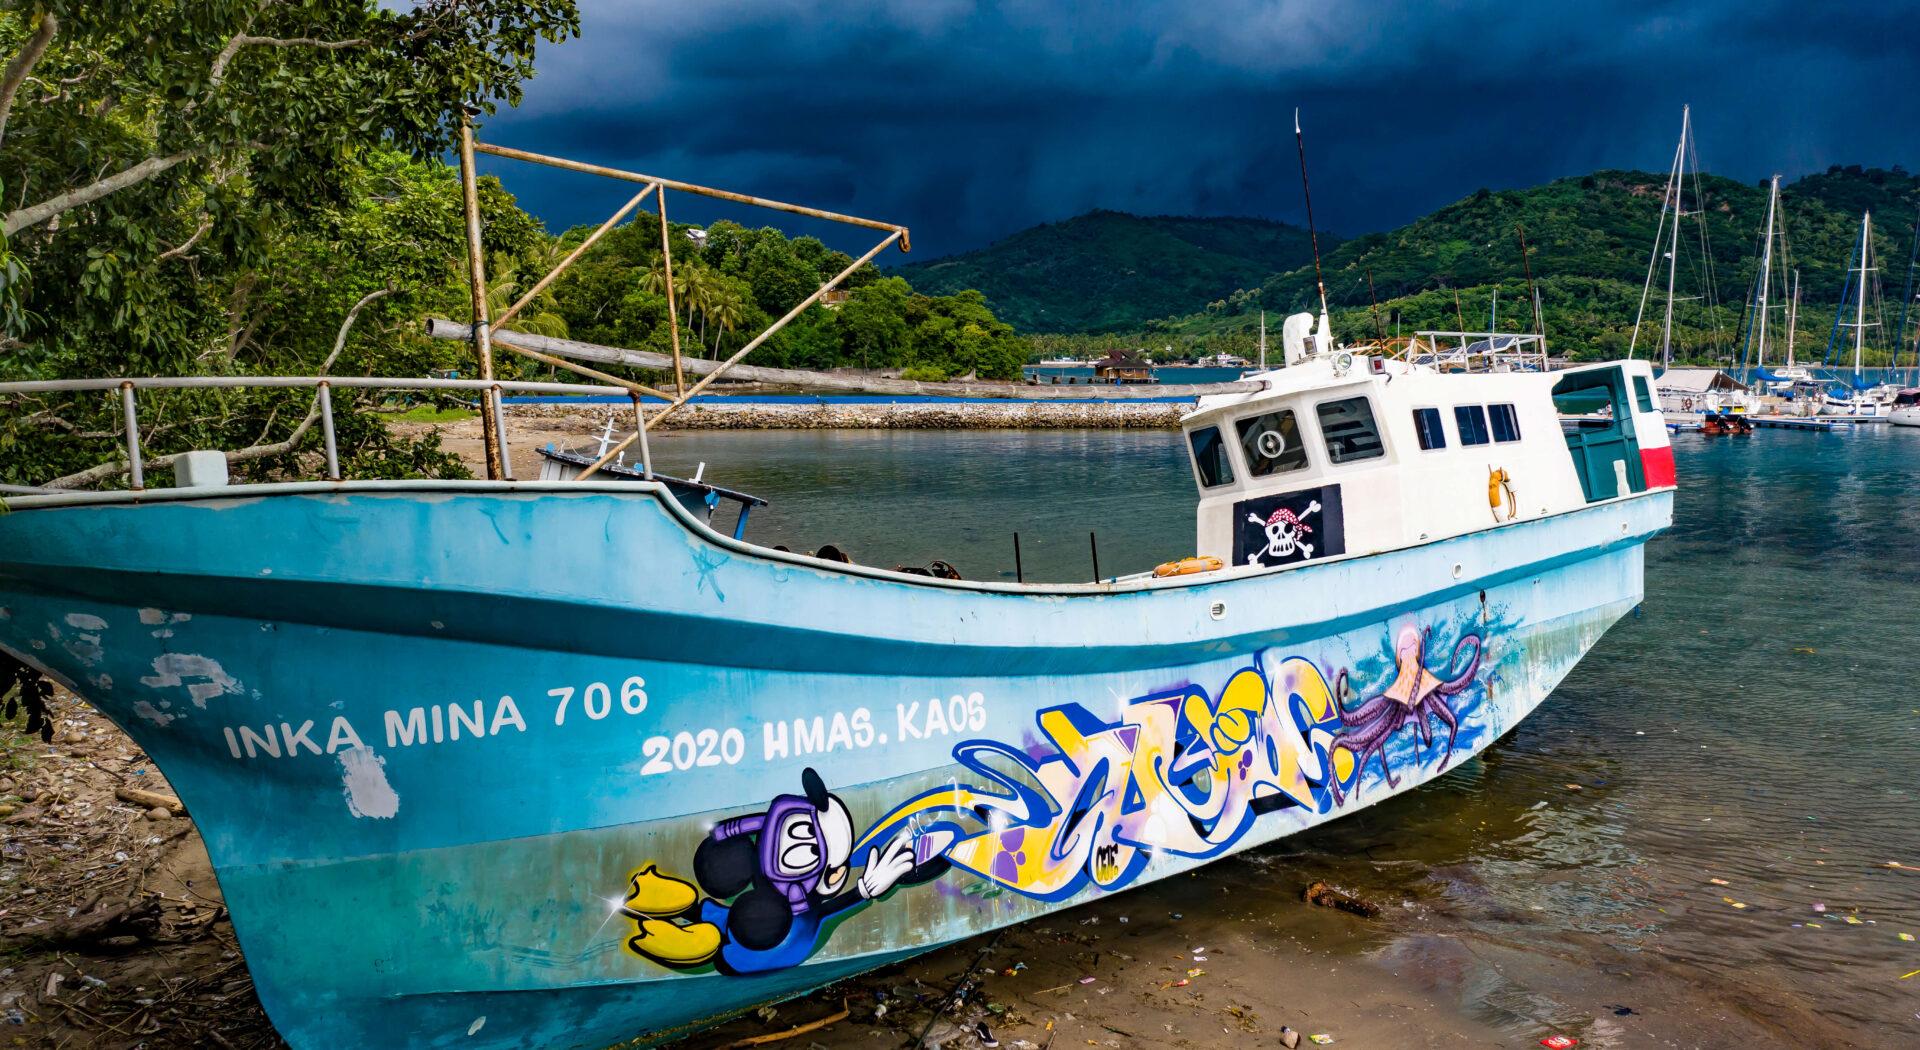 «Pirate Boat» i strandkanten ved marinaen vår. Streetart-kunsterne Kaos og Hmas fikk utløp for lockdown-frustrasjonen igjennom sine malerferdigheter.